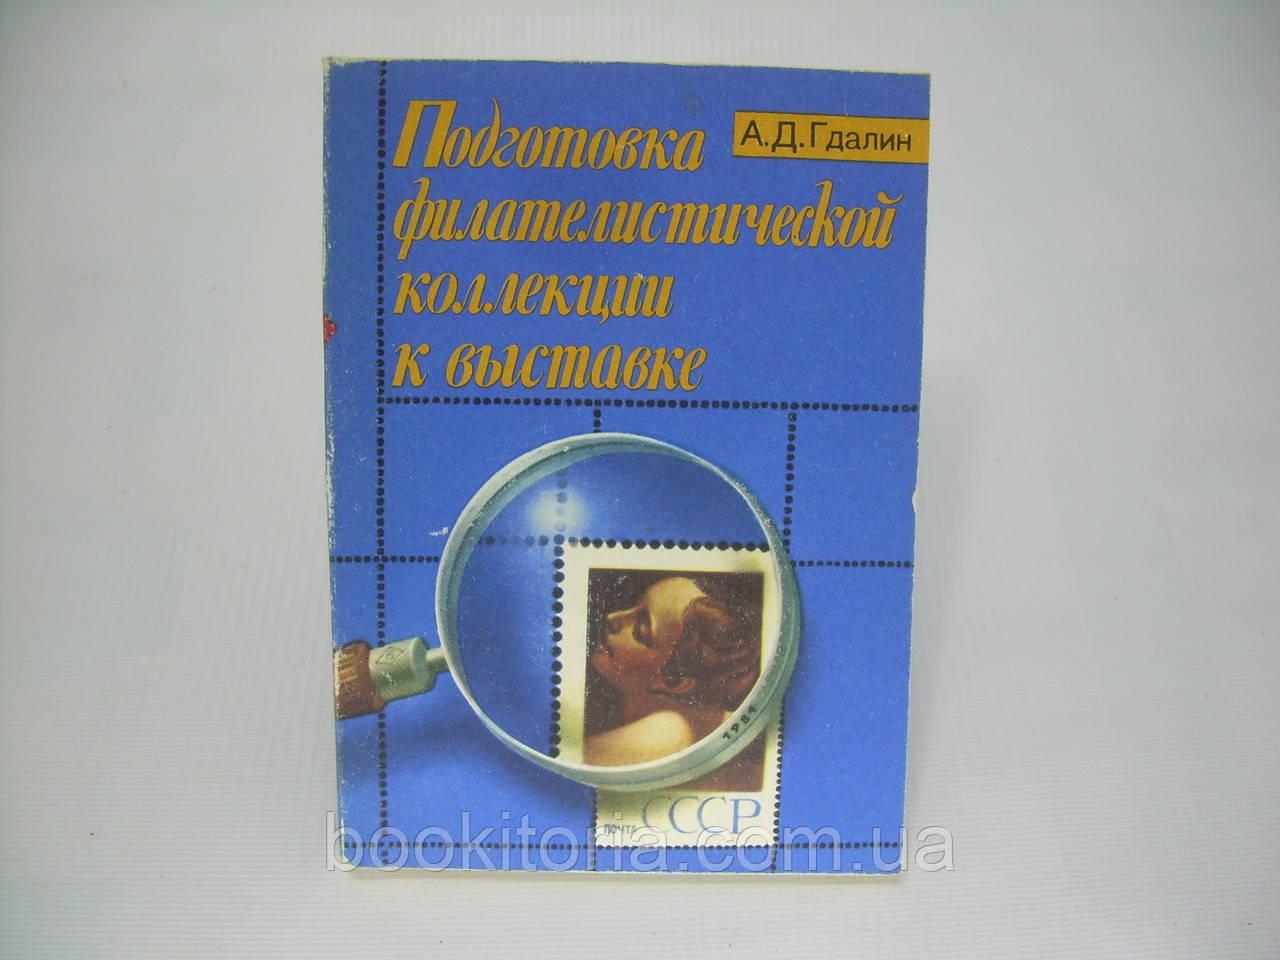 Гдалин А.Д. Подготовка к филателистической выставке (б/у).